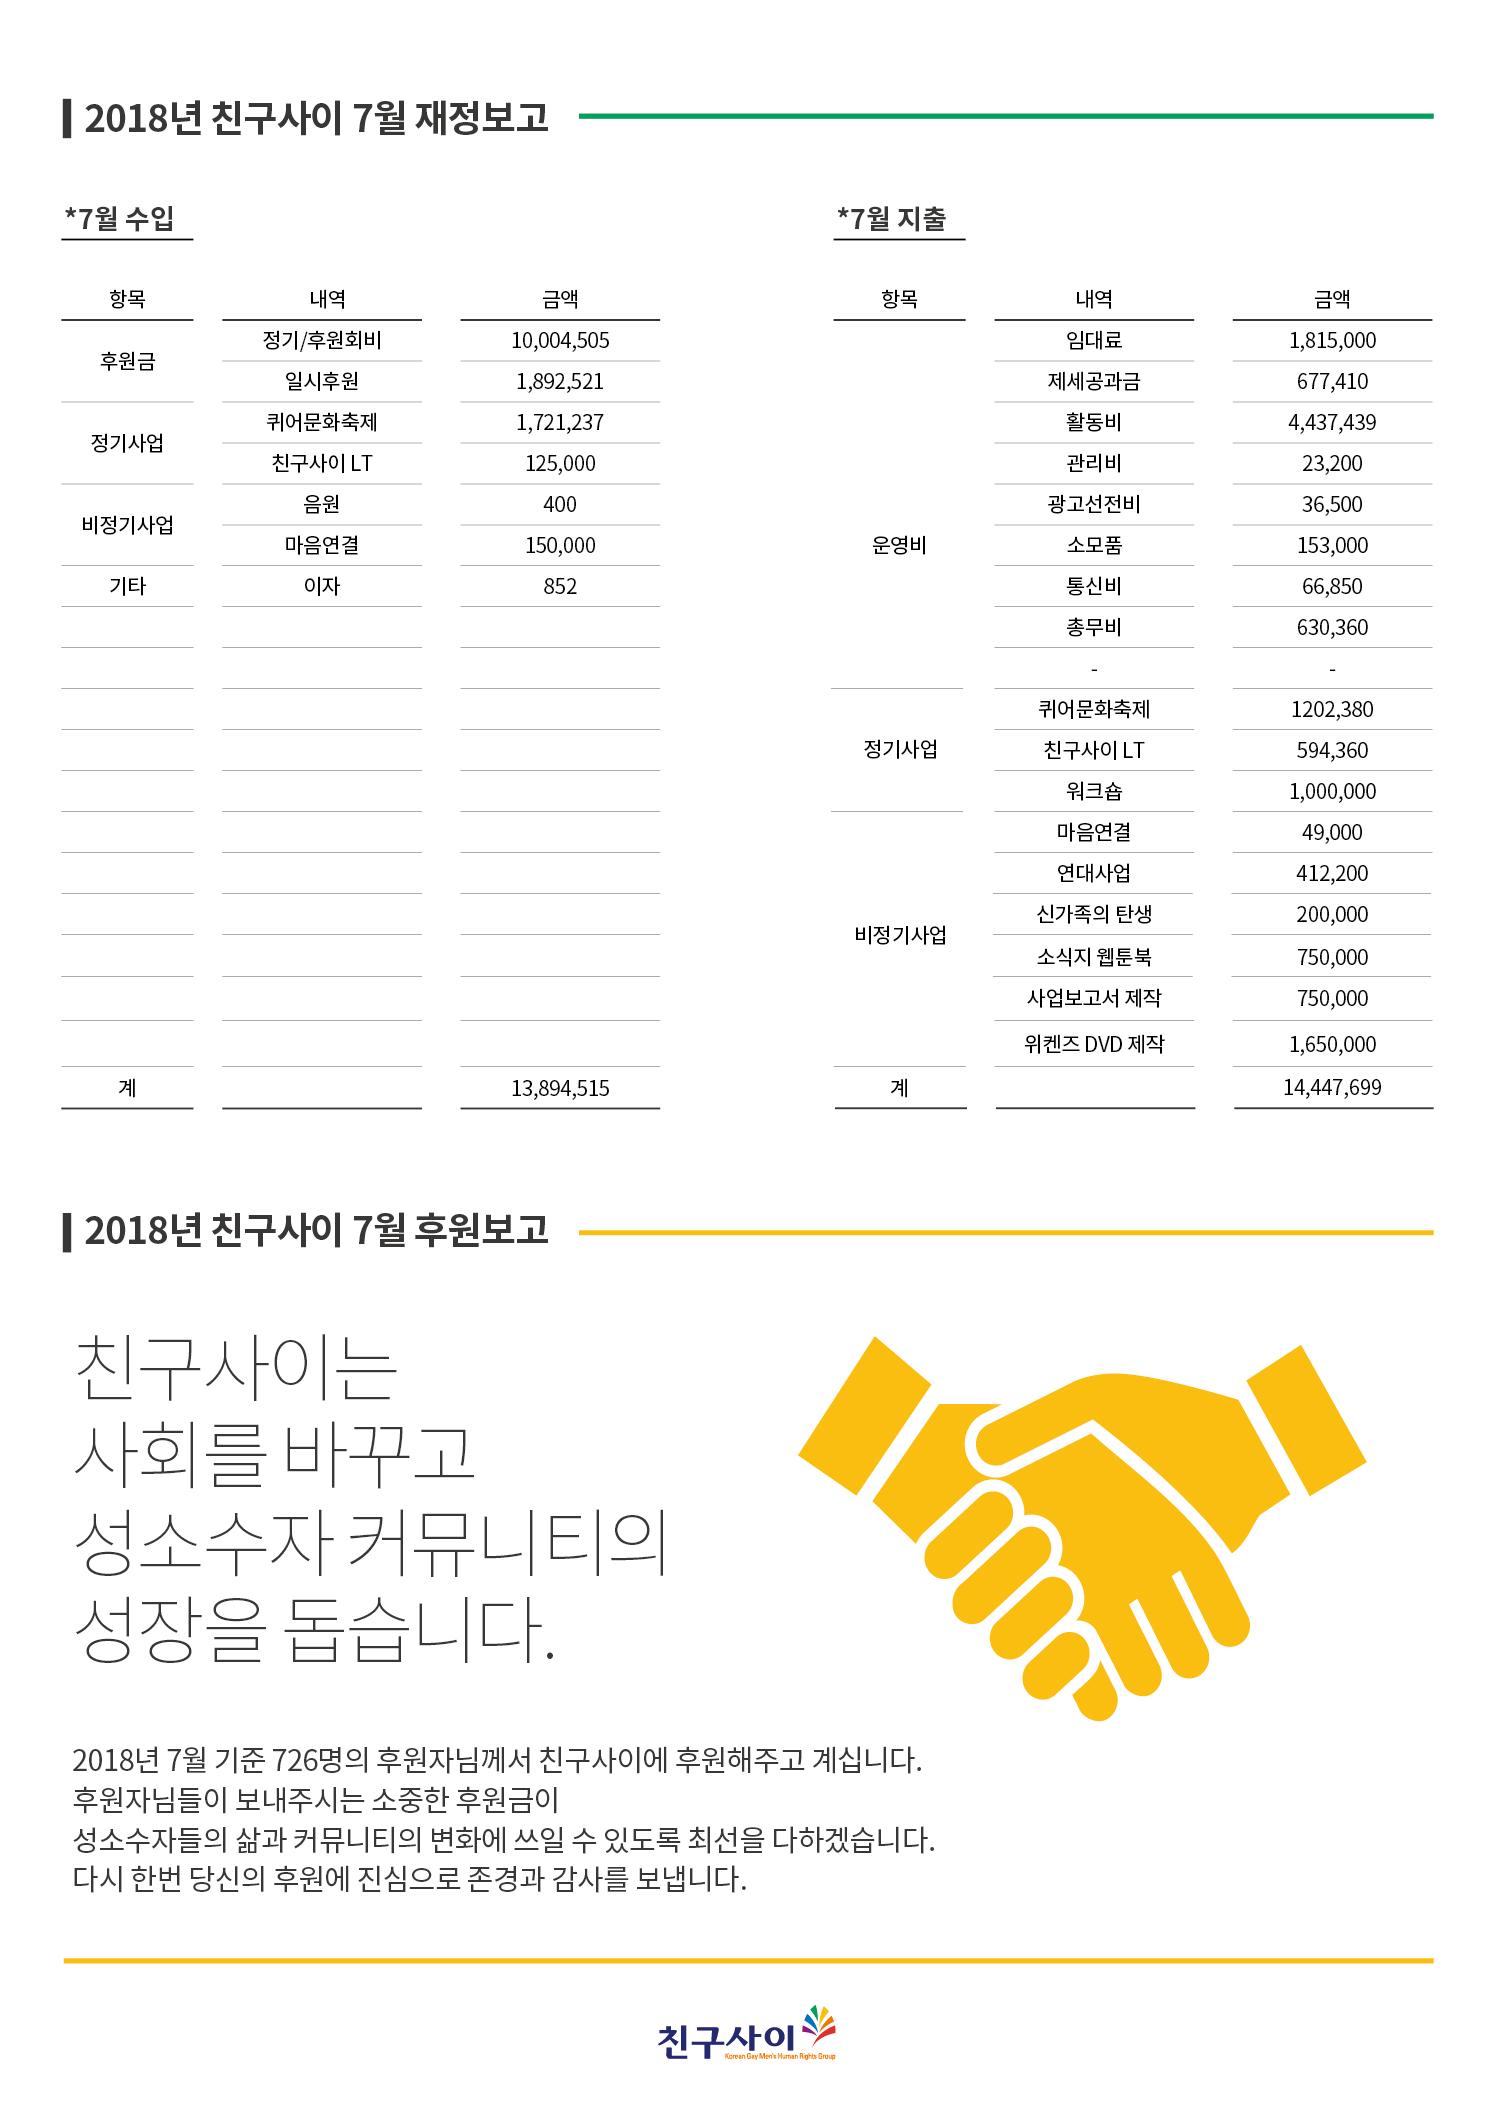 2018 소식지 7월 회계보고.png